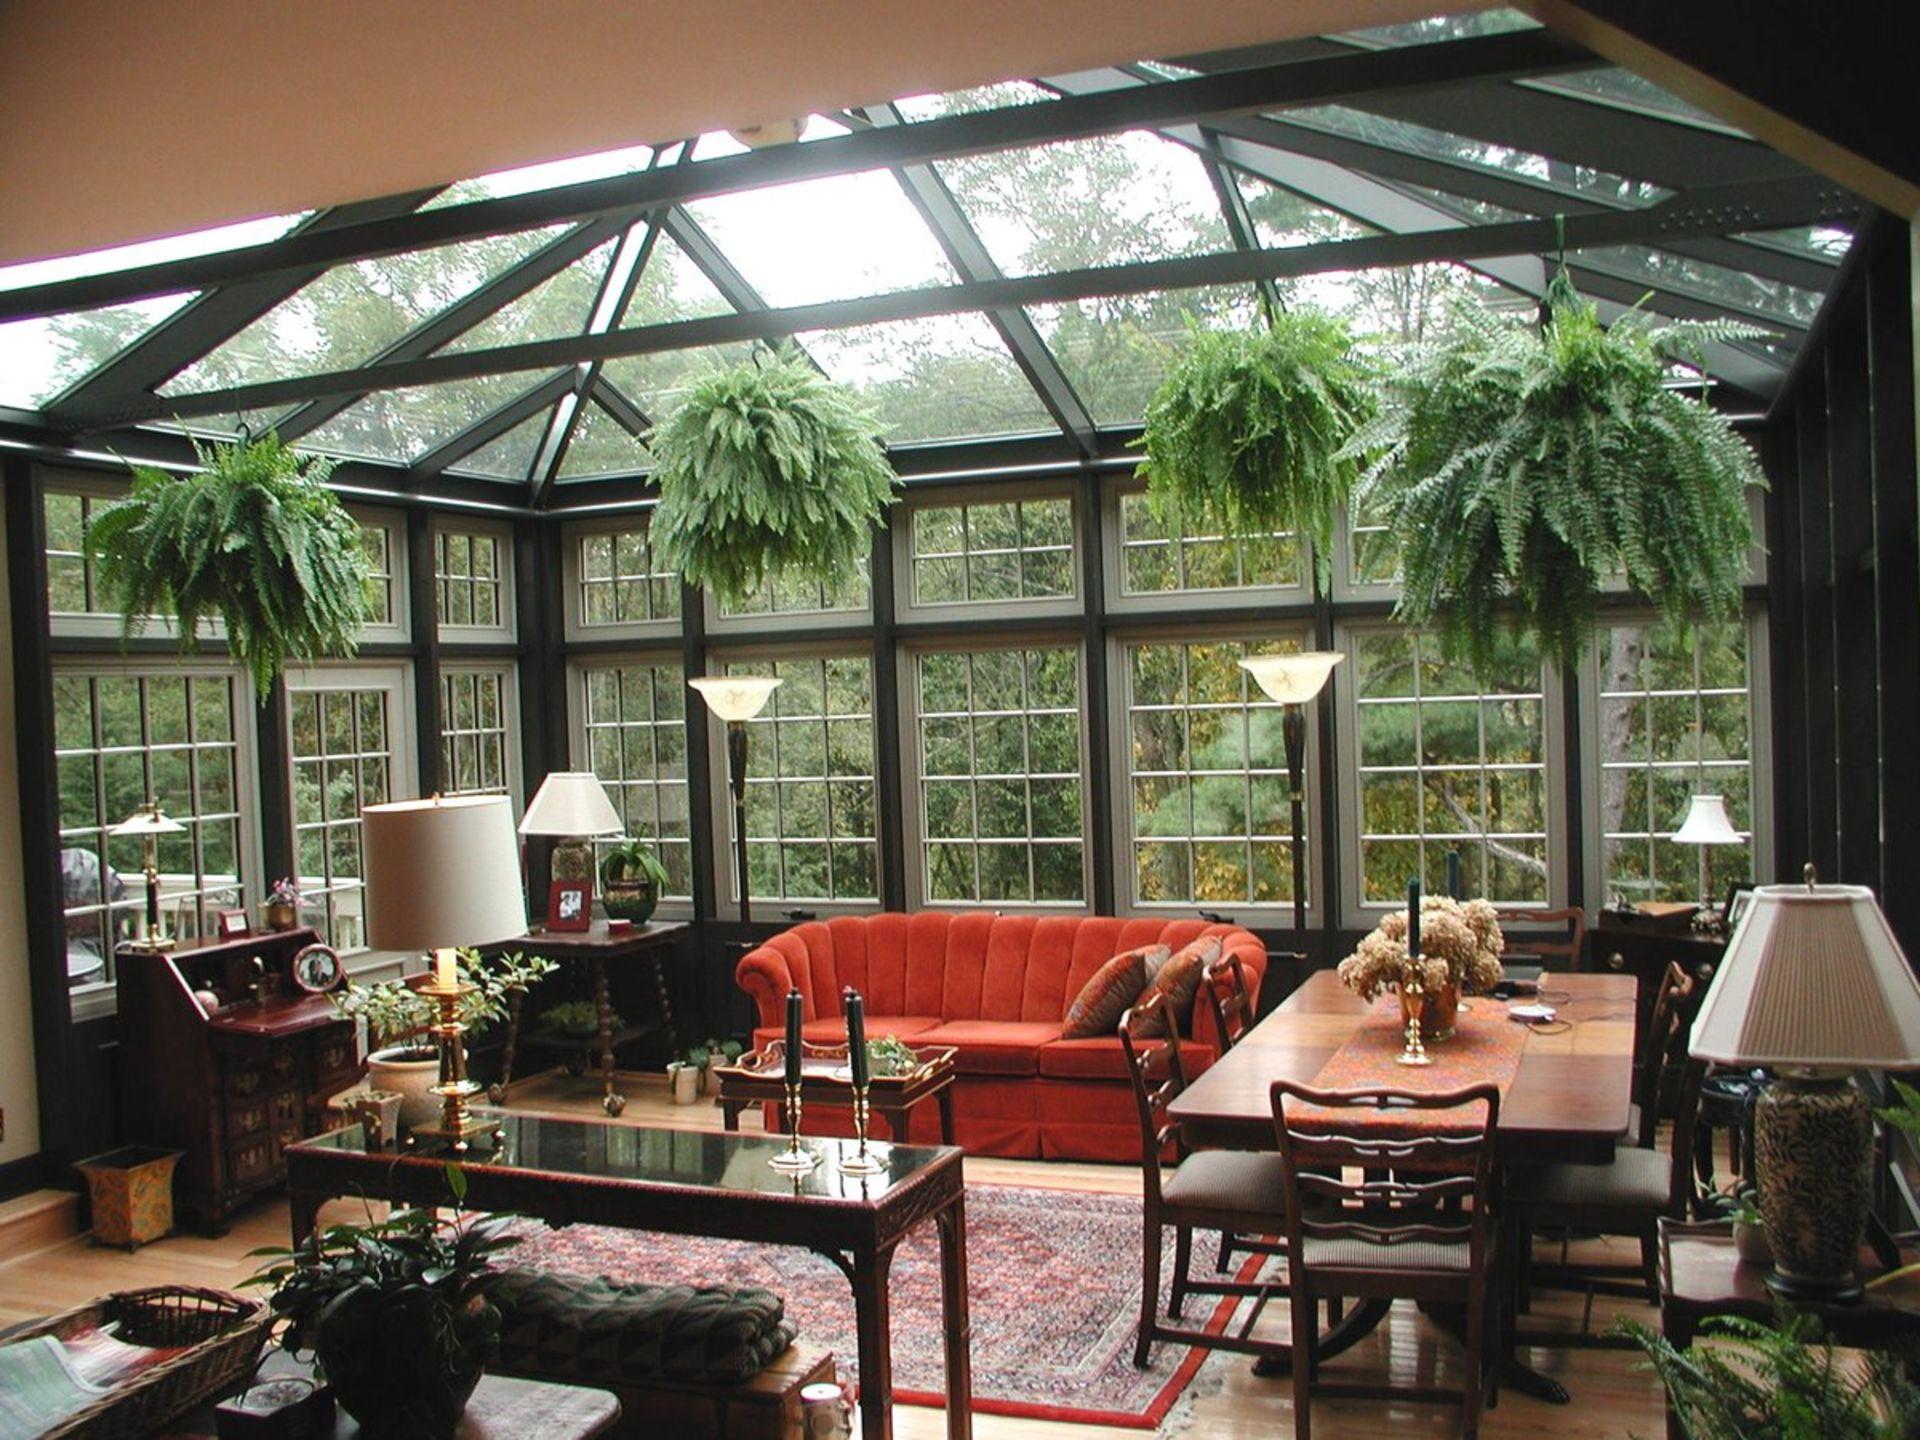 Bringing Nature Back into Interior Design